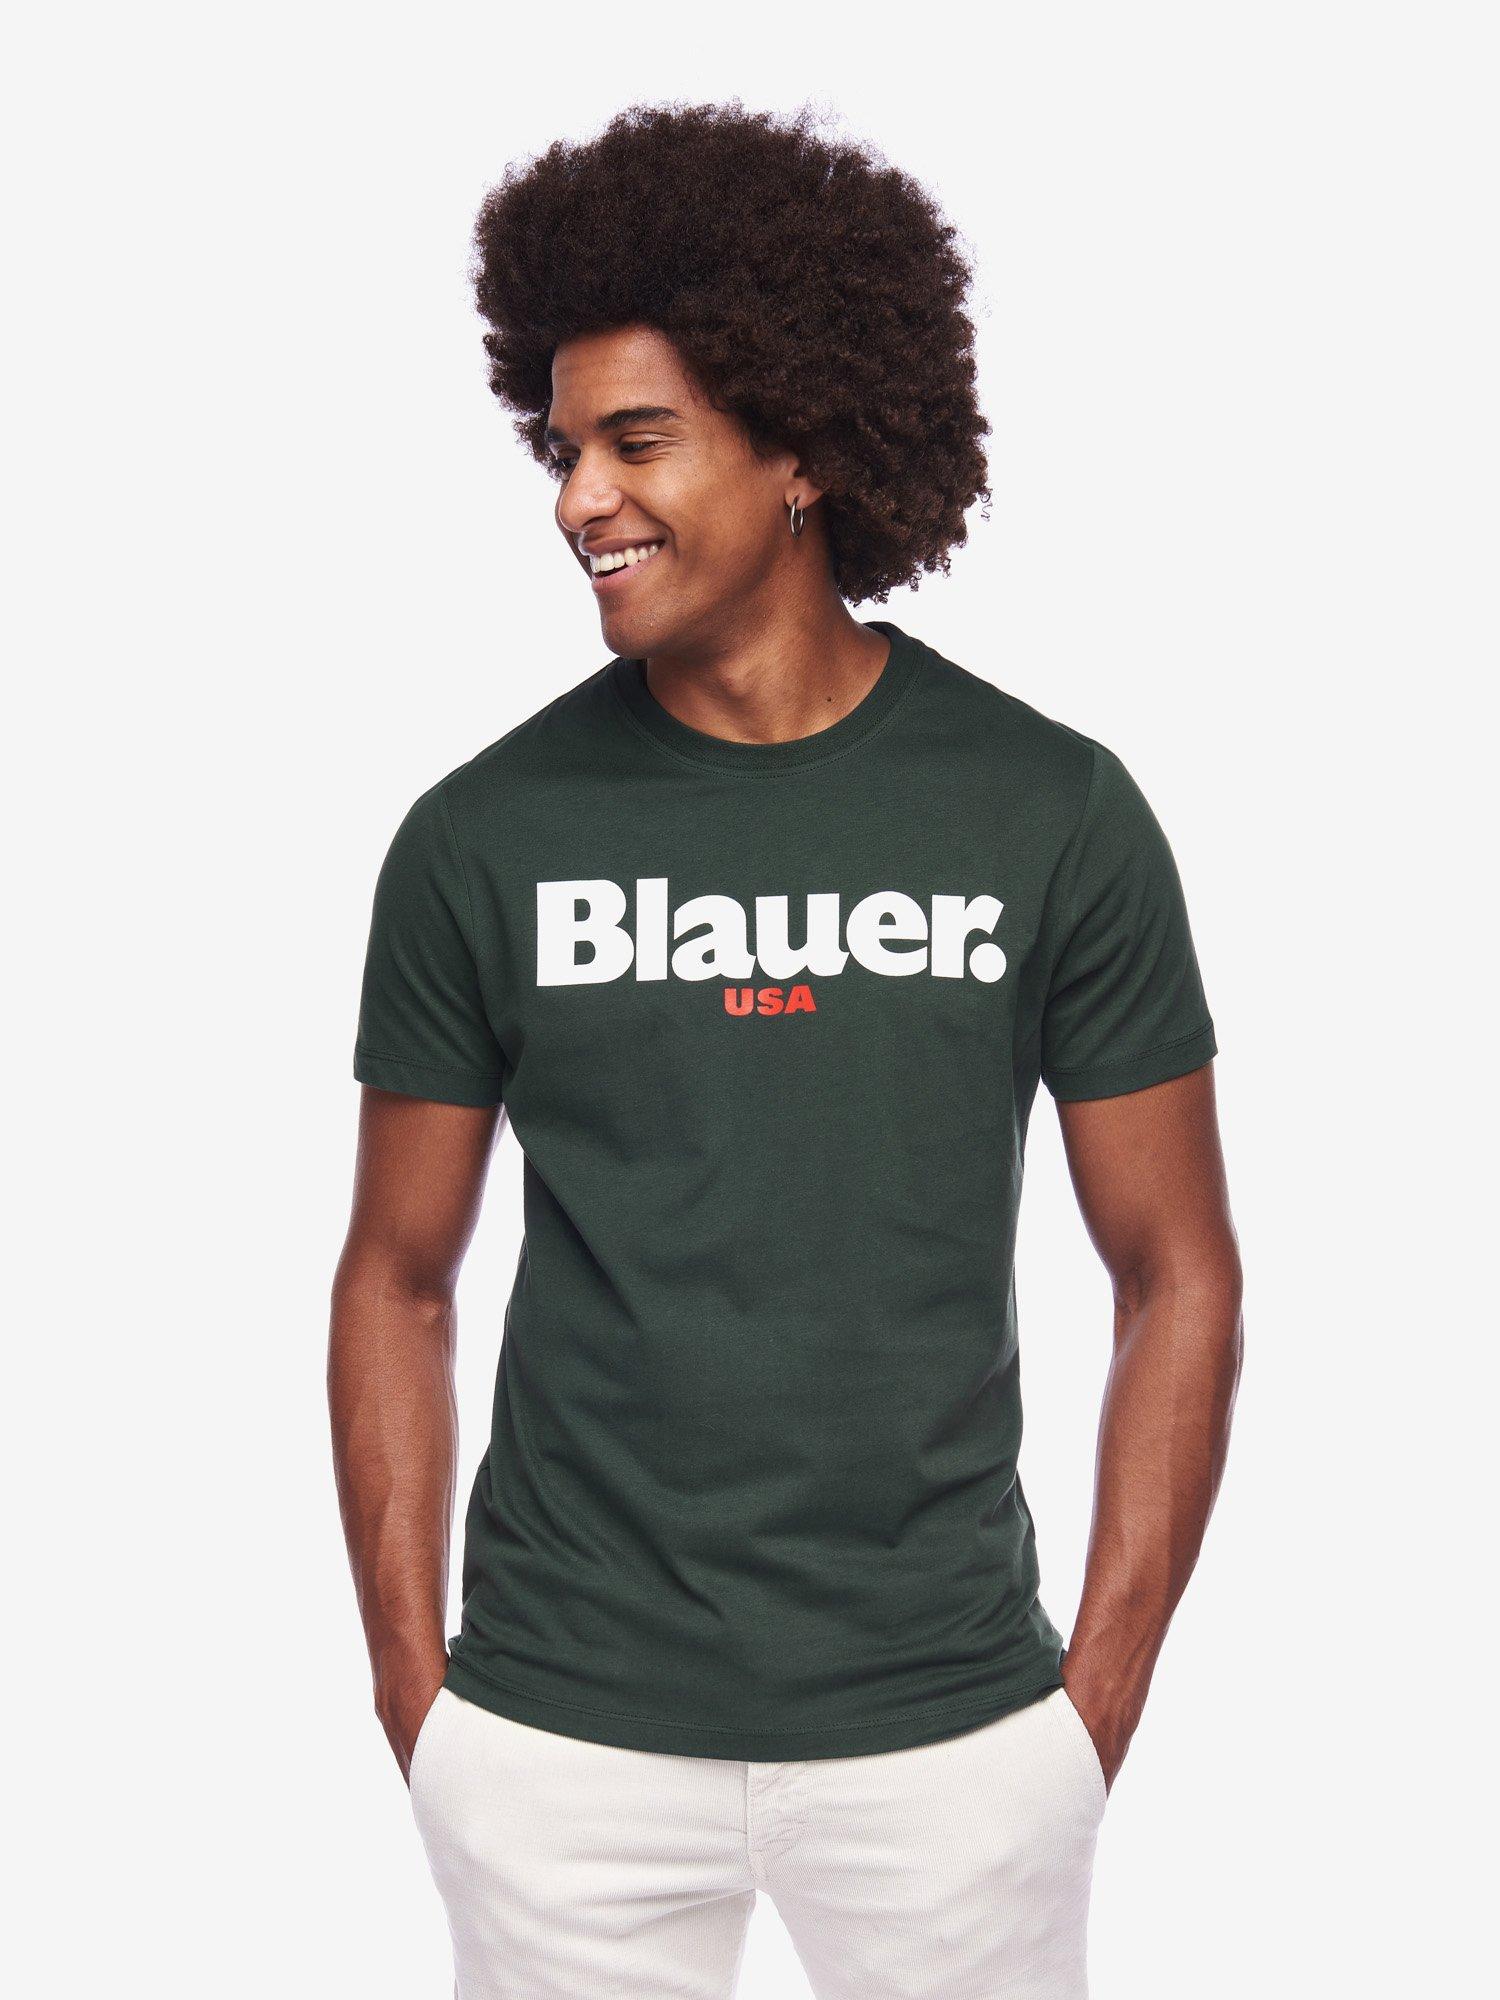 Blauer - LOGO T-SHIRT - Bottle Green - Blauer